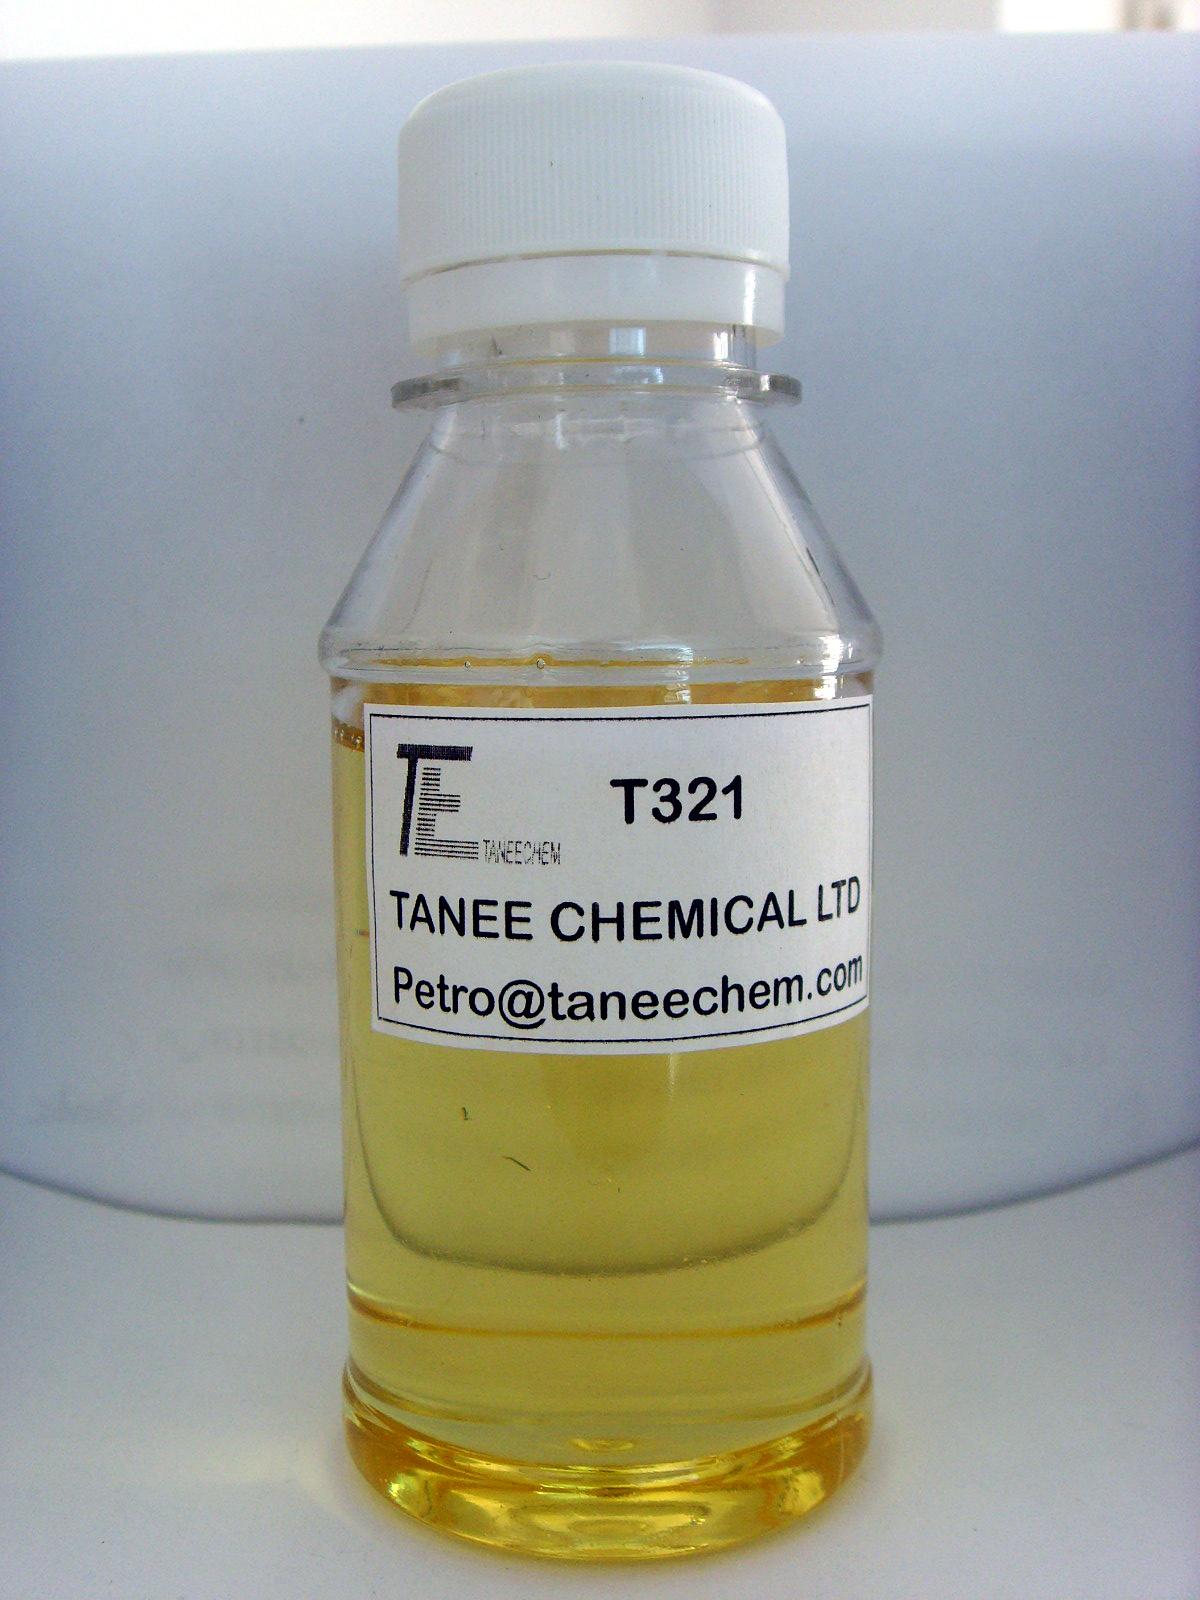 >>极压抗磨剂       硫化异丁稀极压抗磨剂,产品代号t321,本产品具有